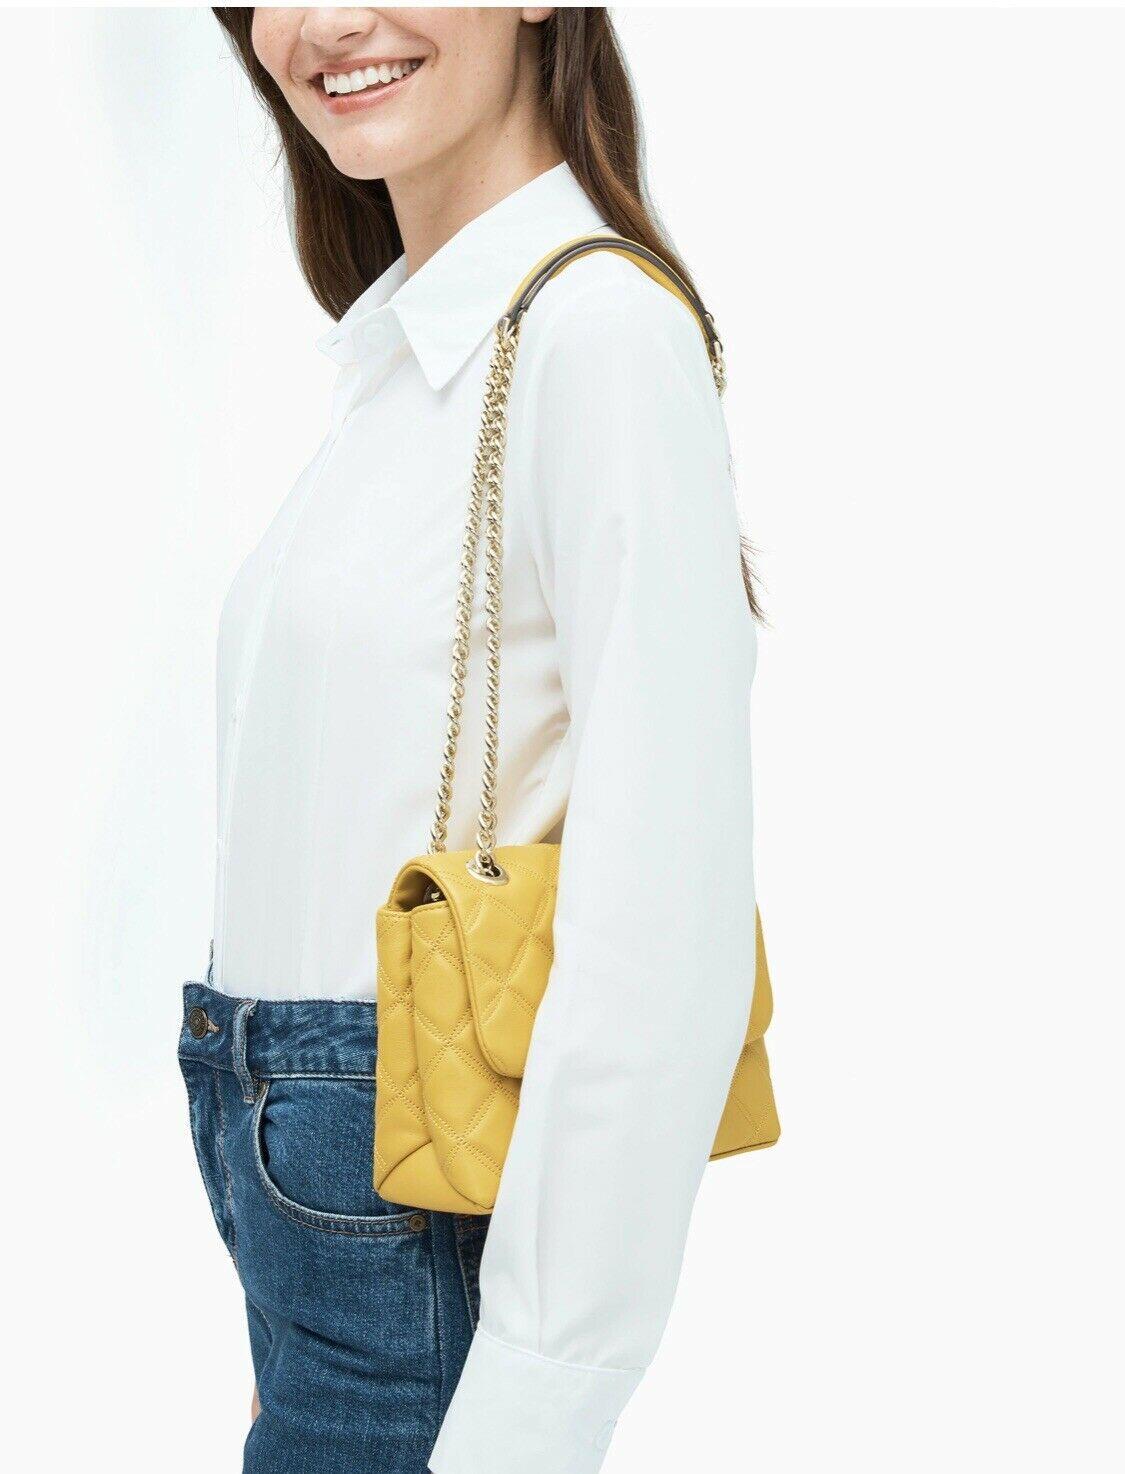 Túi xách Kate Spade nữ đeo chéo hàng hiệu WKRU7074 NATALIA SMALL FLAP CROSSBOBY